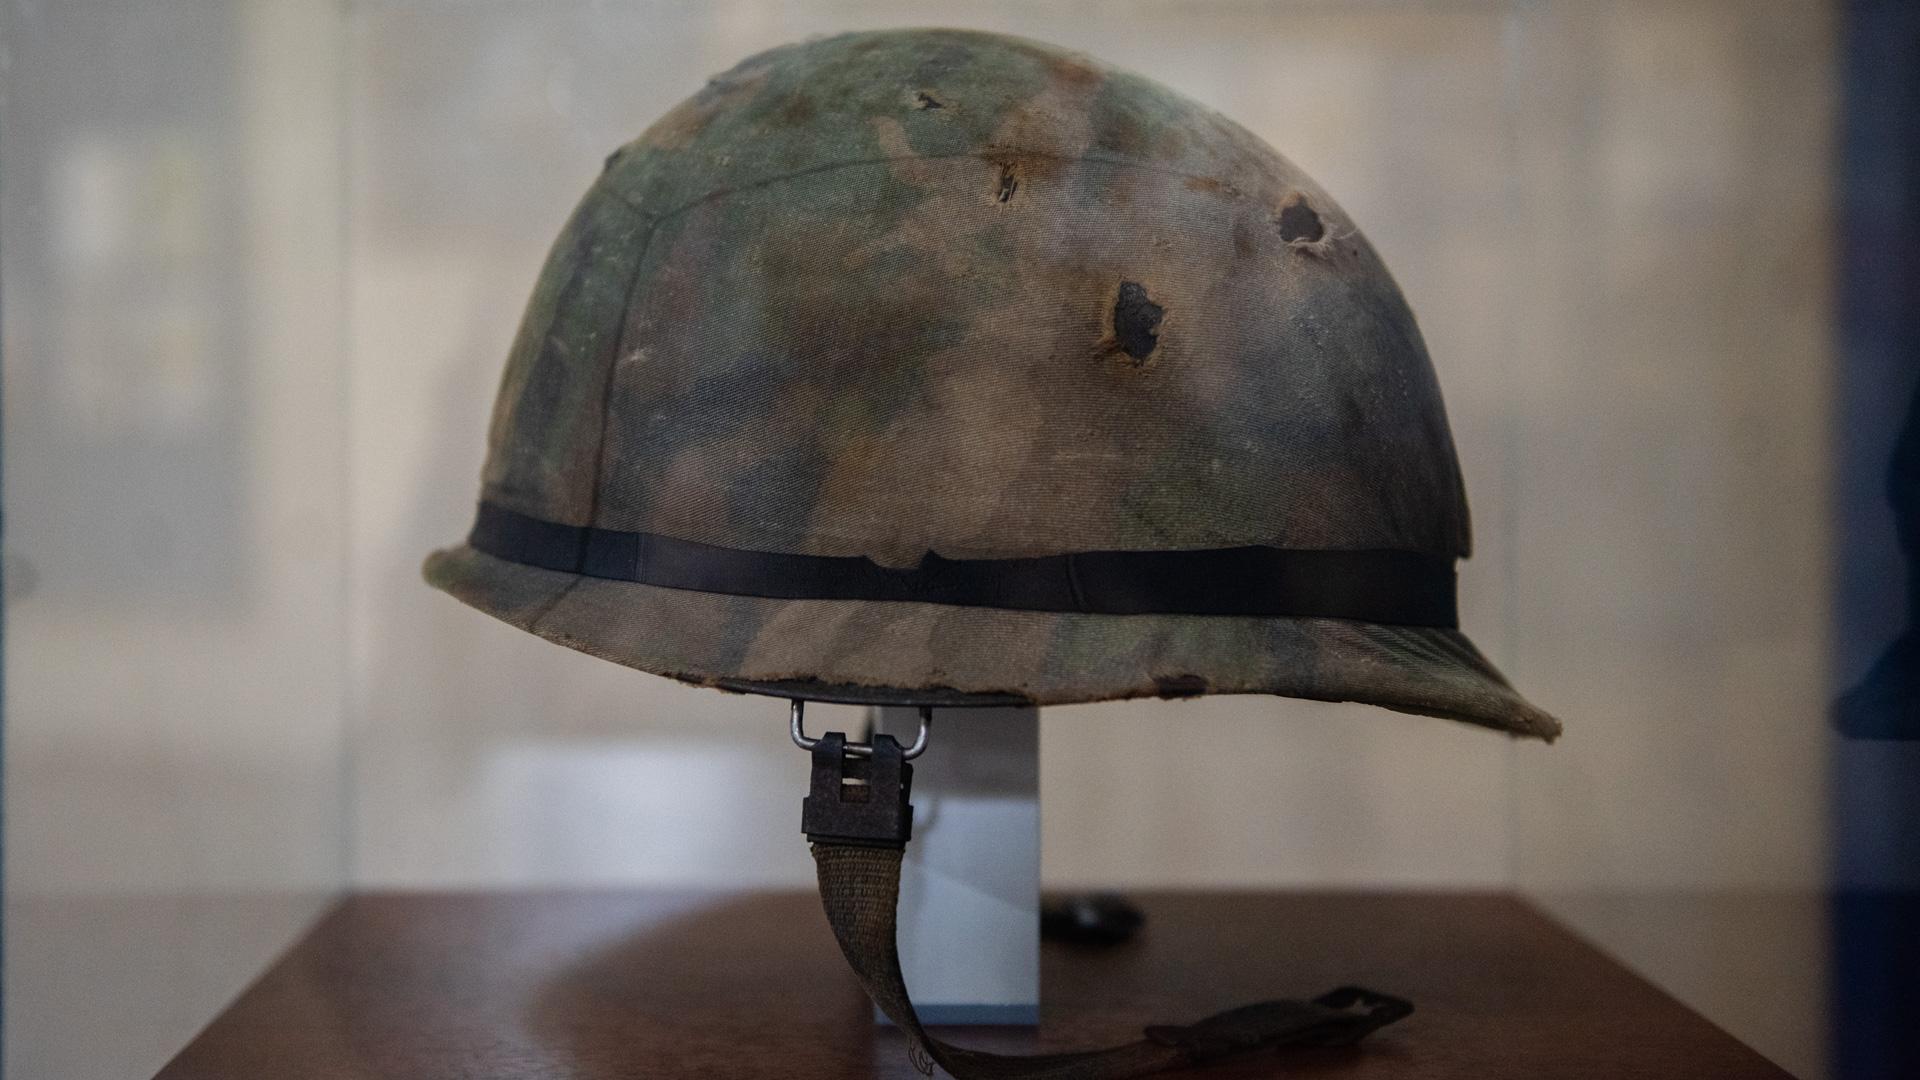 Casco perteneciente a un soldado argentino desconocido donado por un coleccionista británico